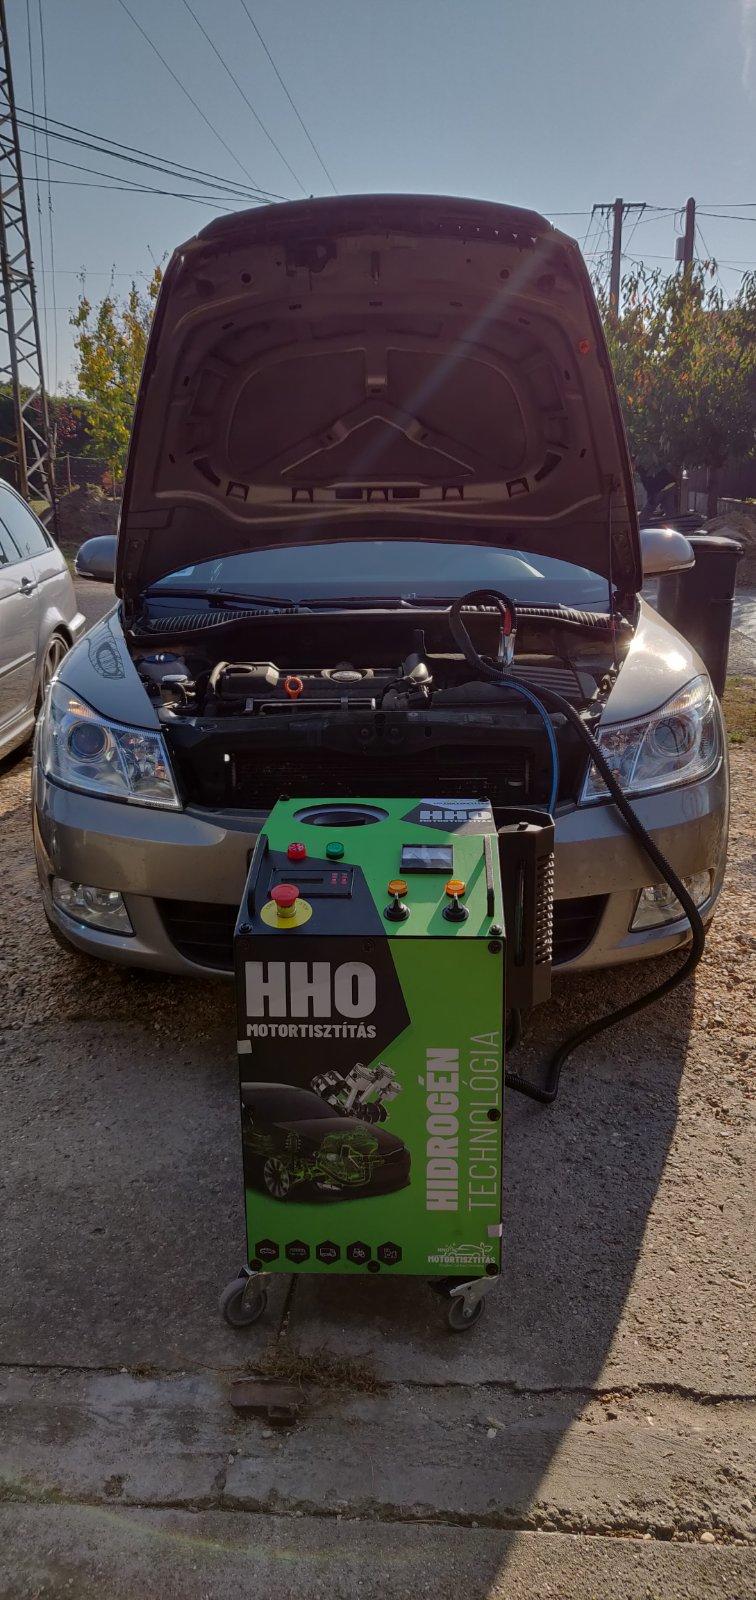 HHO Motortisztítás Skoda Octavia 1.4 Tsi 122 Le Cegléd